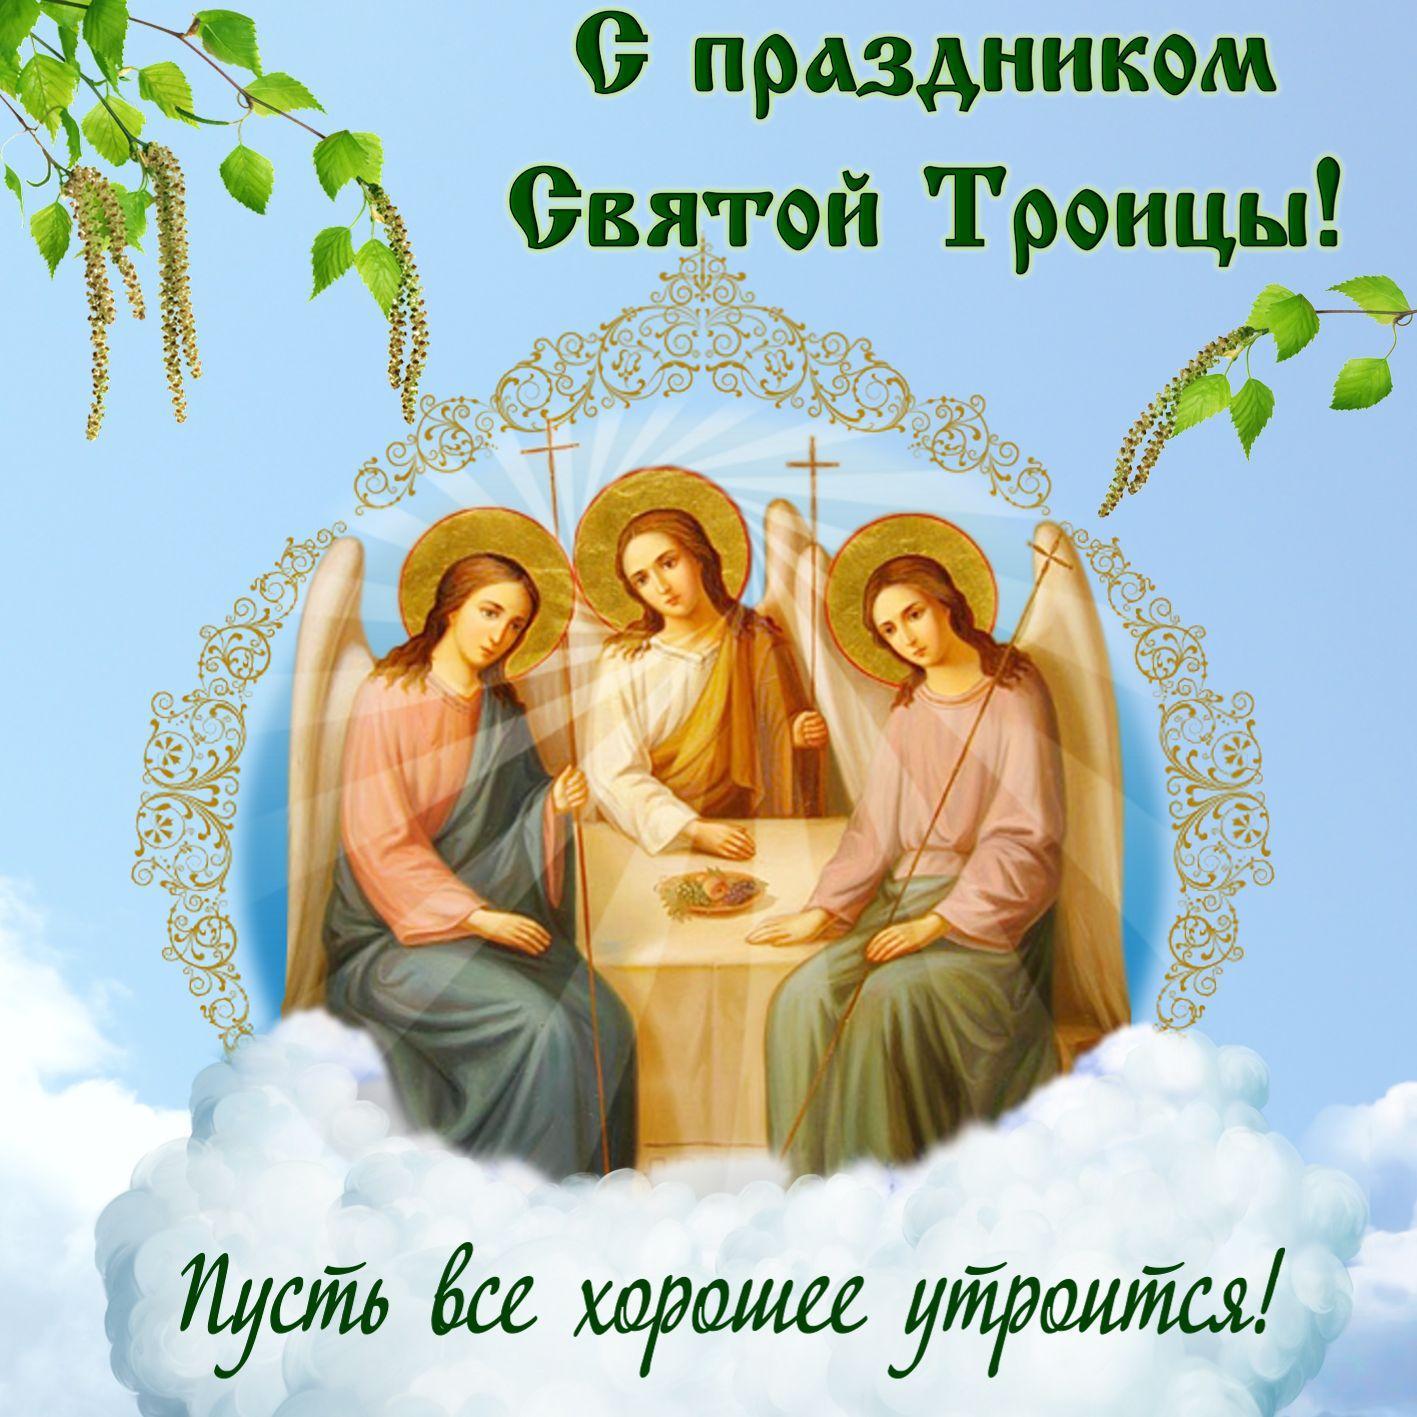 Фото Святая Троица 20 июня: душевные открытки и поздравления 11